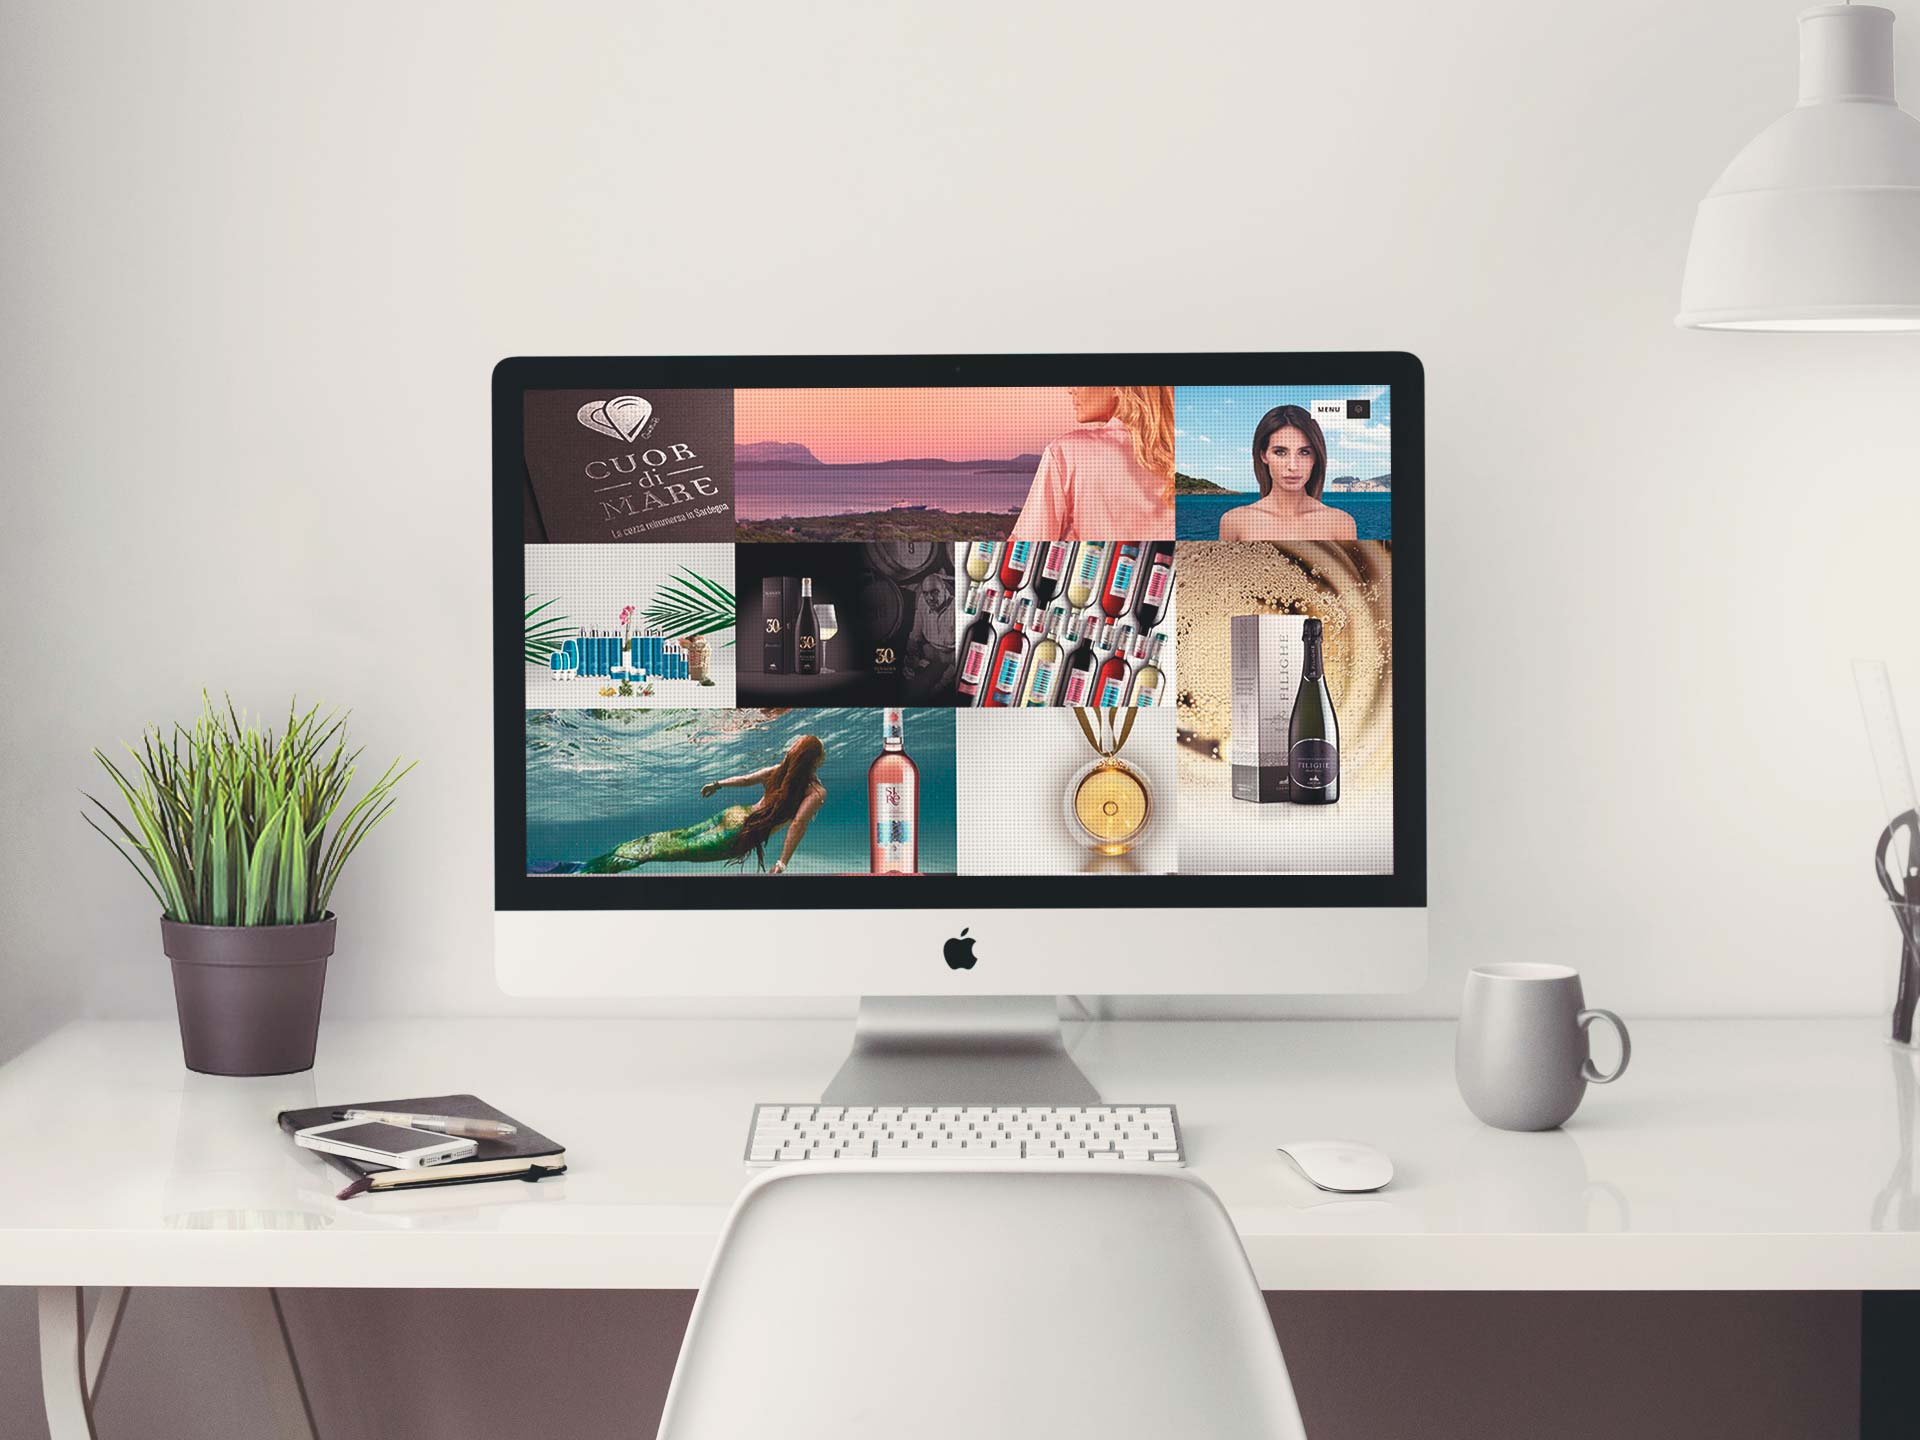 Realizzazione siti web - Progettazione siti internet - Redfish ADV - Sassari